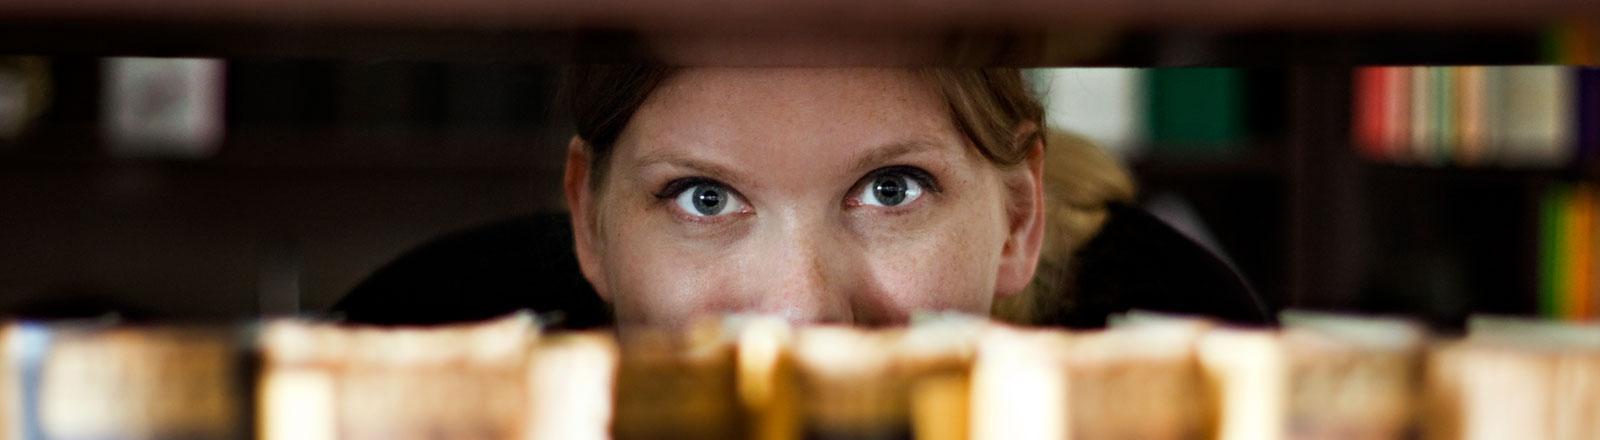 Eine Frau blickt durch ein volles Bücherregal.